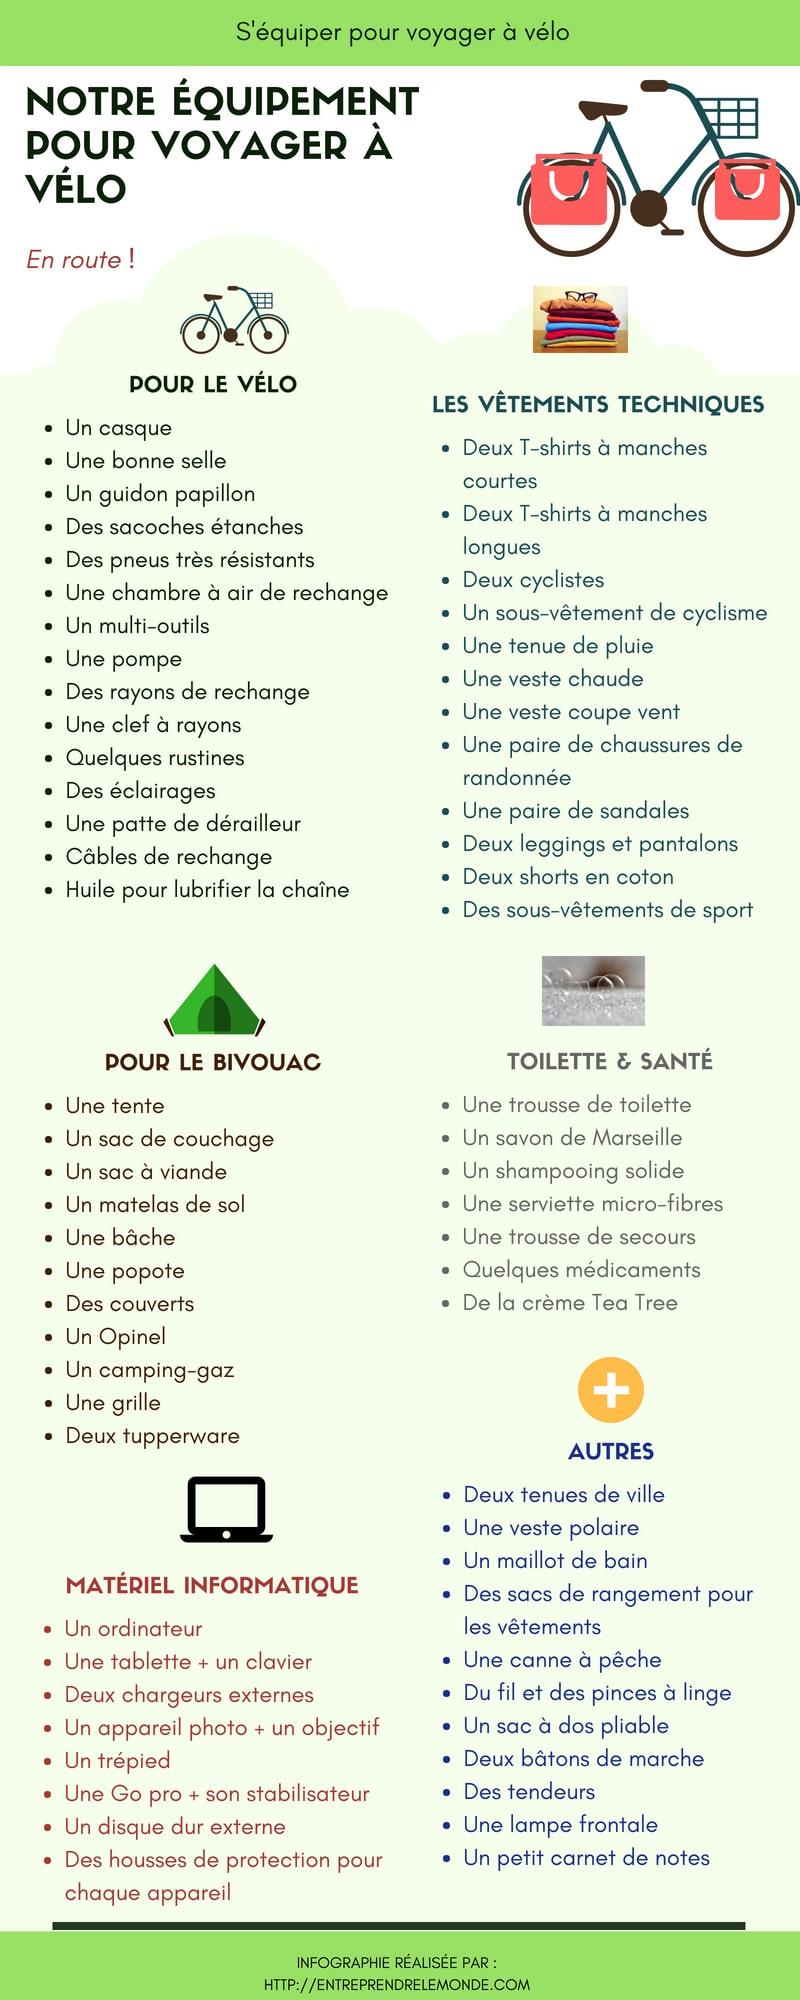 Equipement - liste de matériel - voyage à vélo